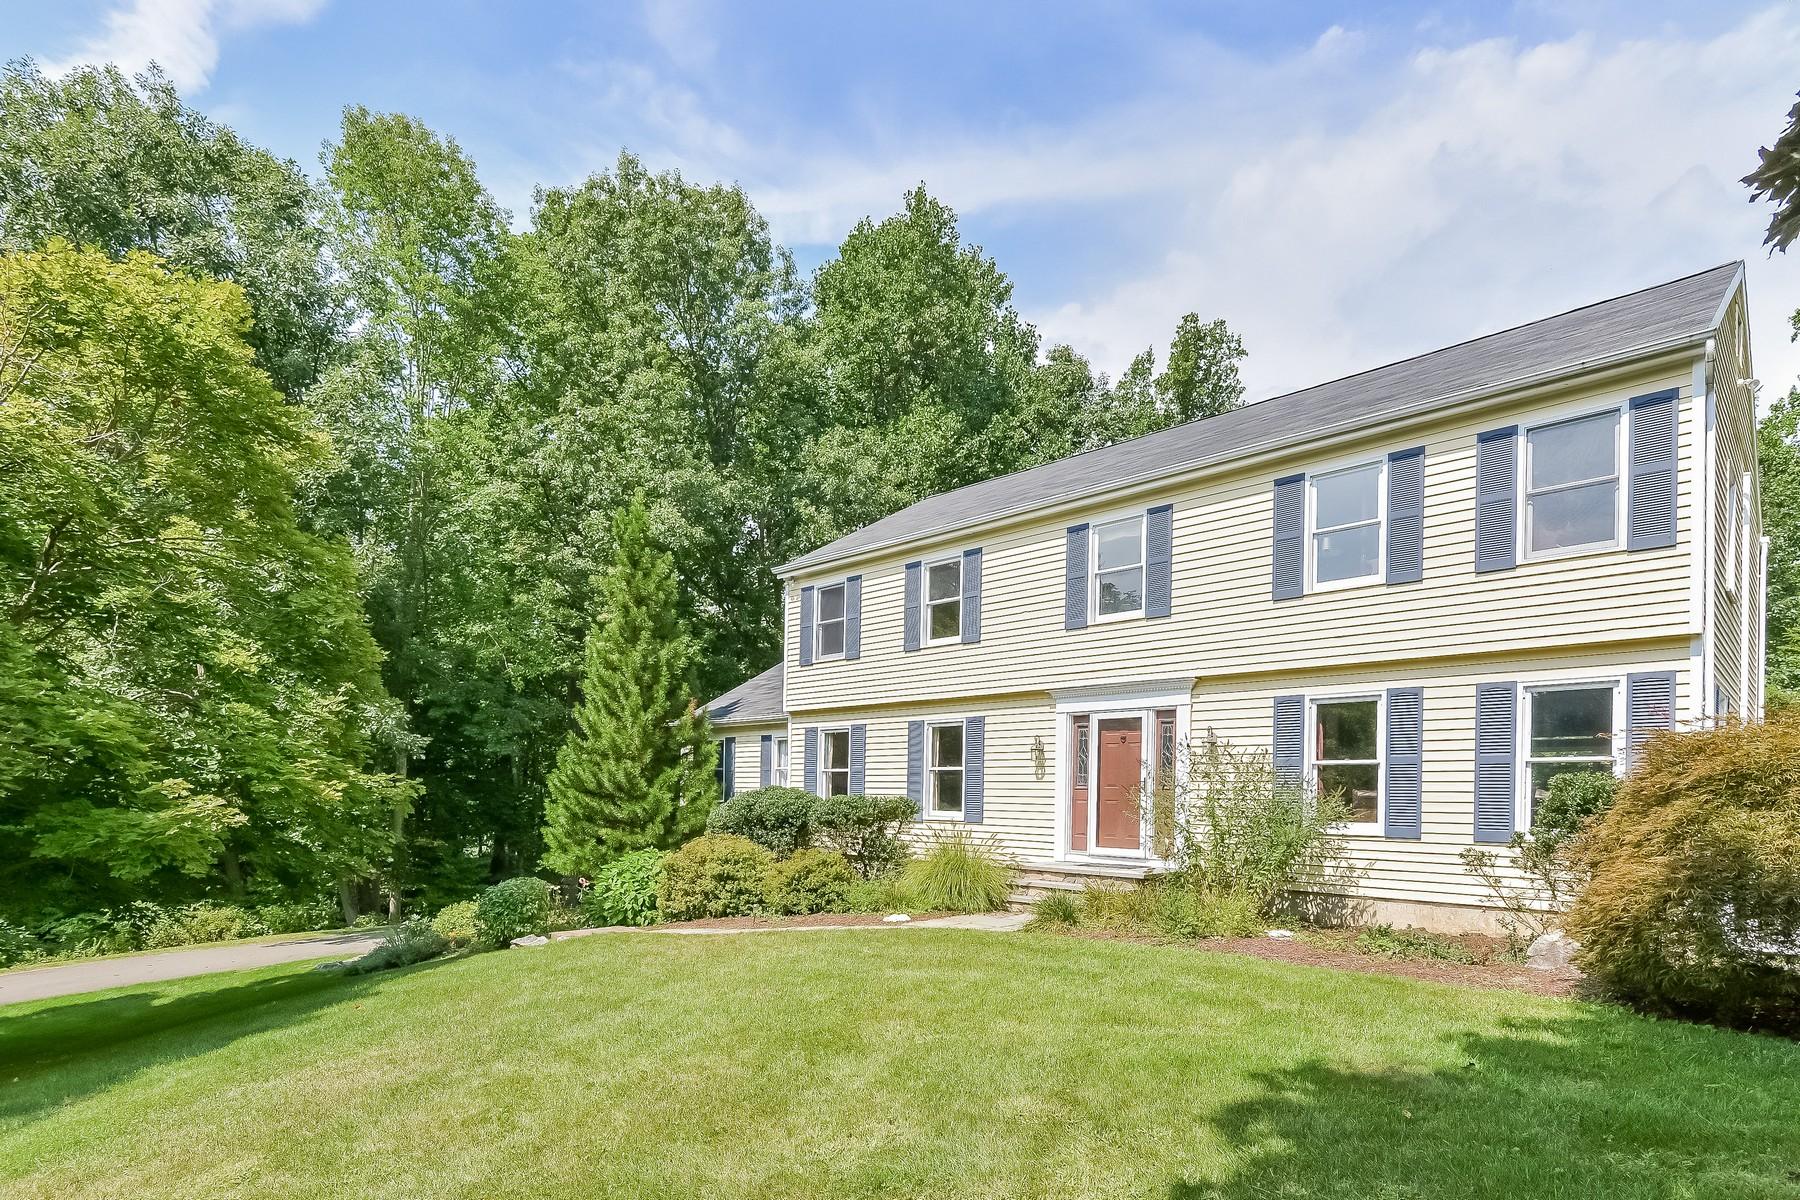 Nhà ở một gia đình vì Bán tại Lovely Updated Colonial 21 Whitlock Lane Ridgefield, Connecticut 06877 Hoa Kỳ